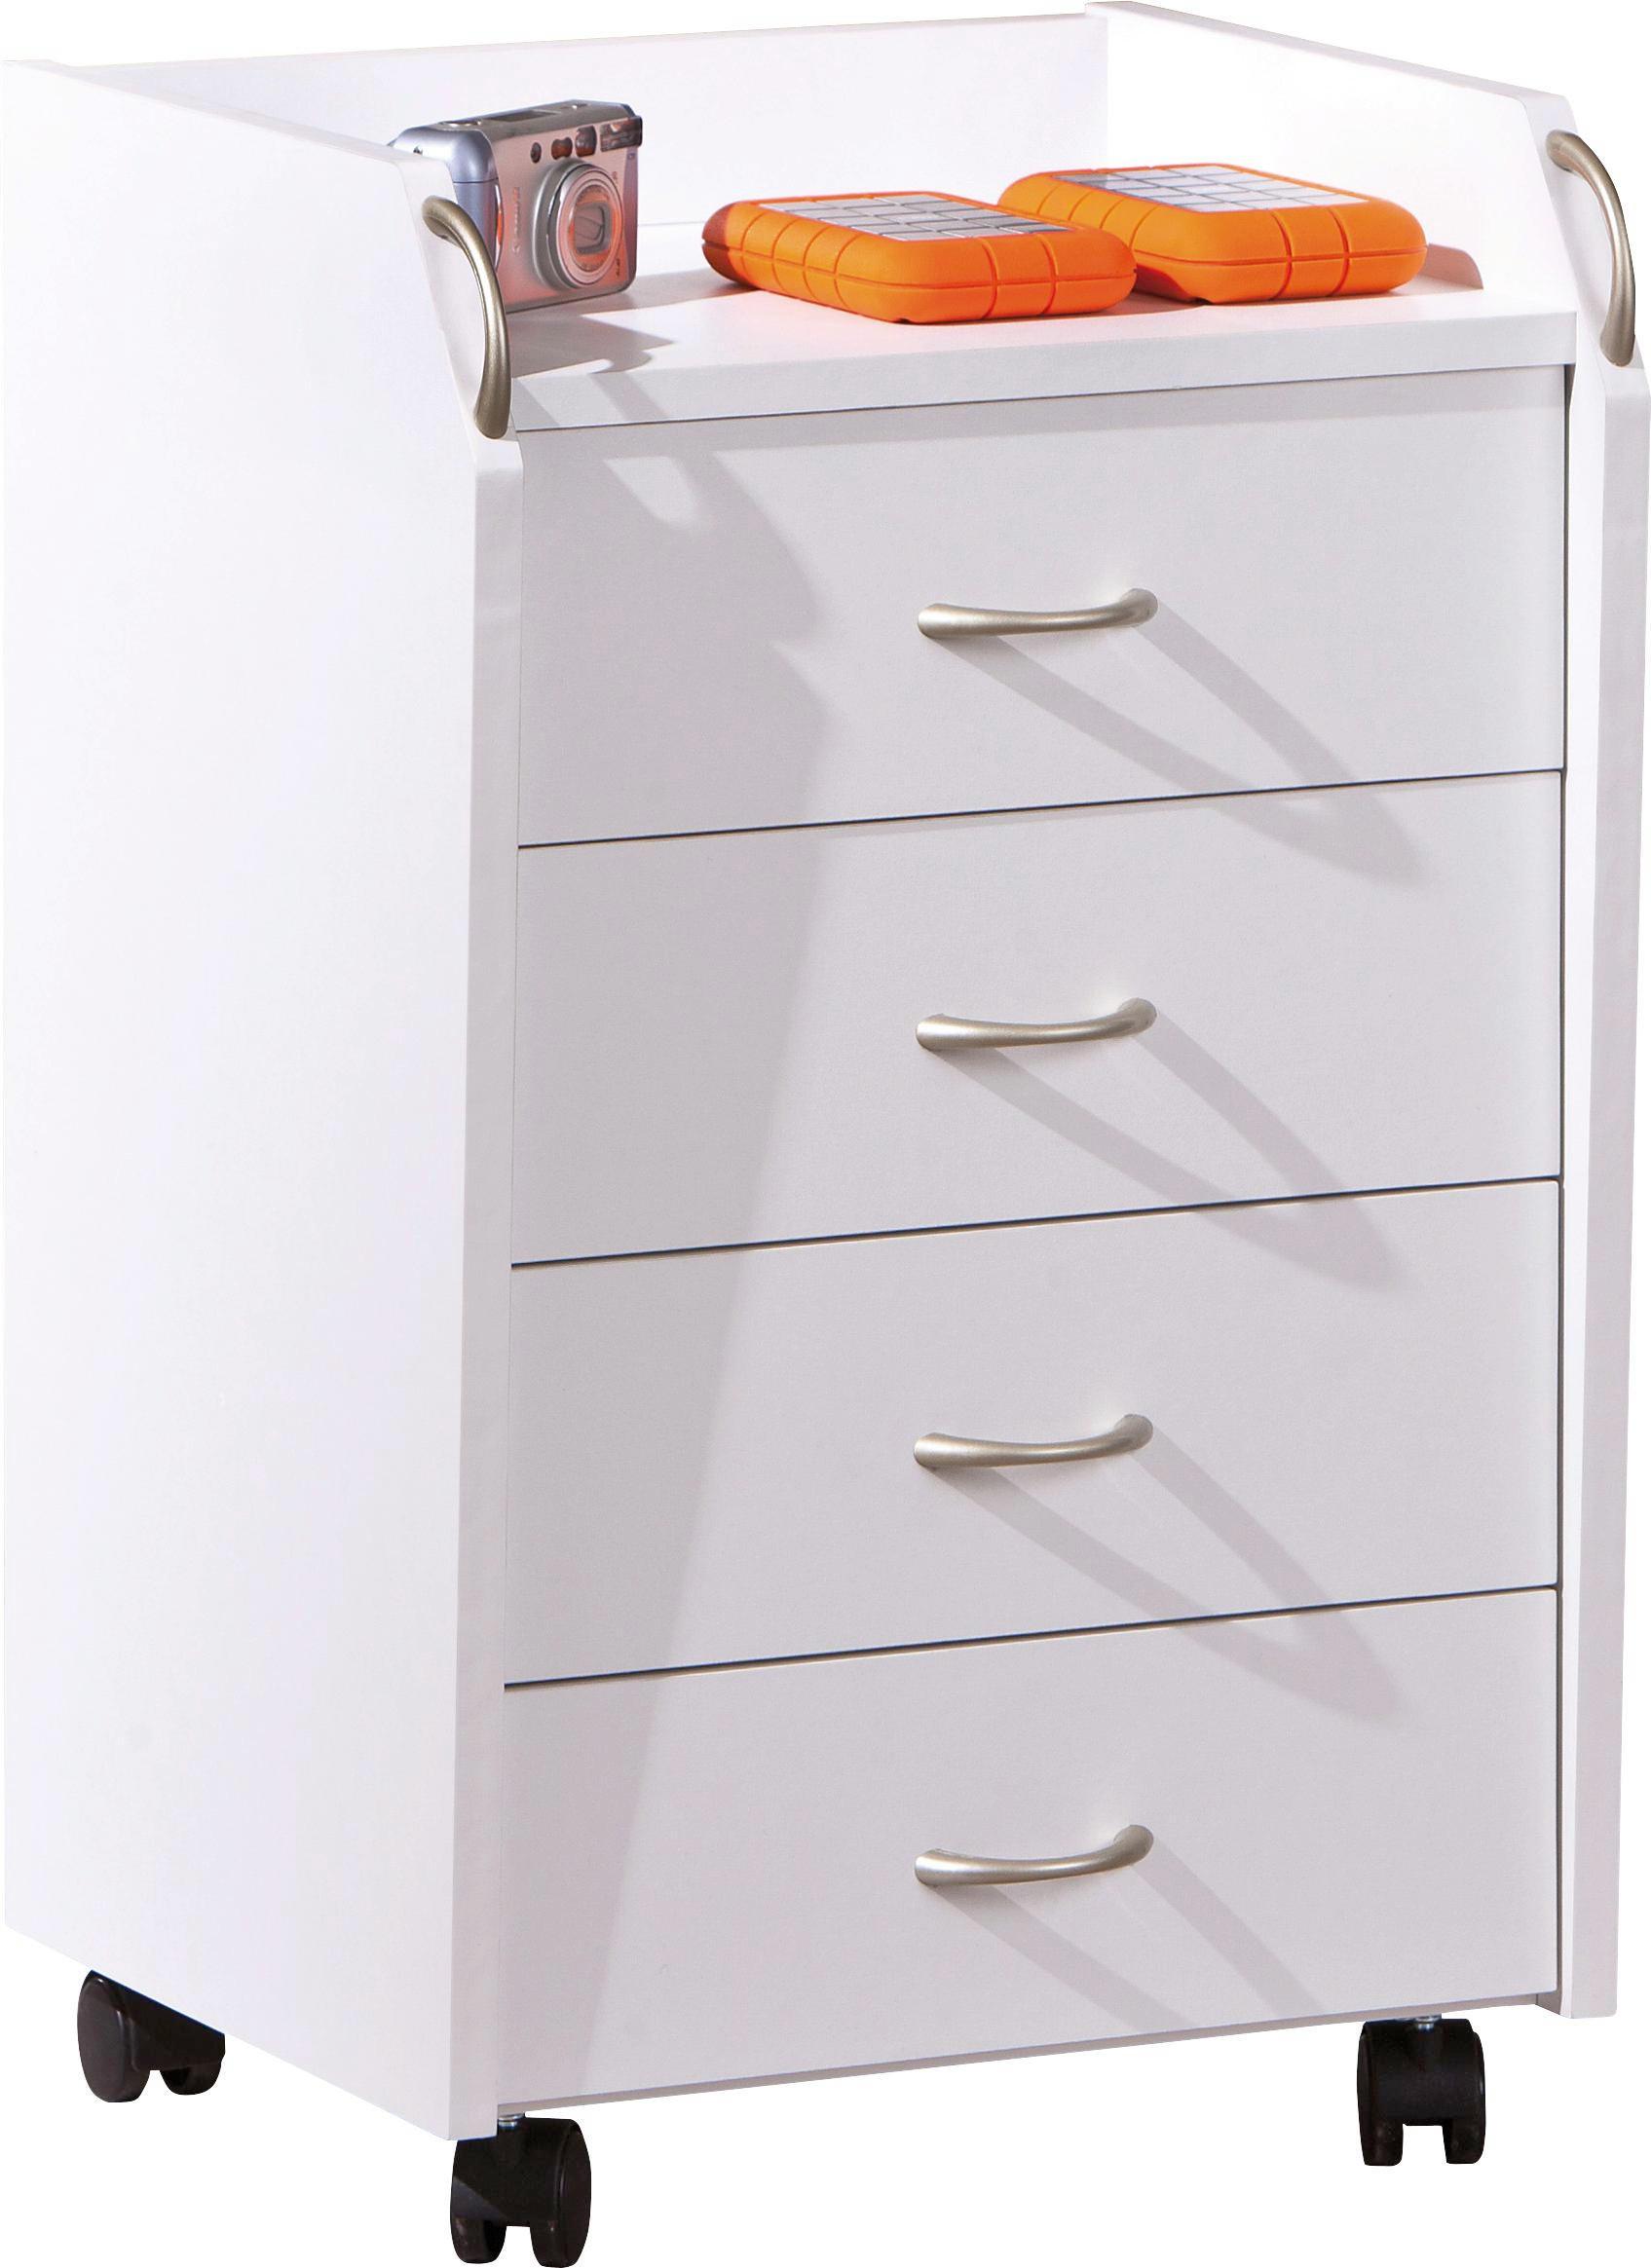 Astounding Rollcontainer Kunststoff Beste Wahl Weiß - Silberfarben/weiß, Konventionell, (40/65/36cm